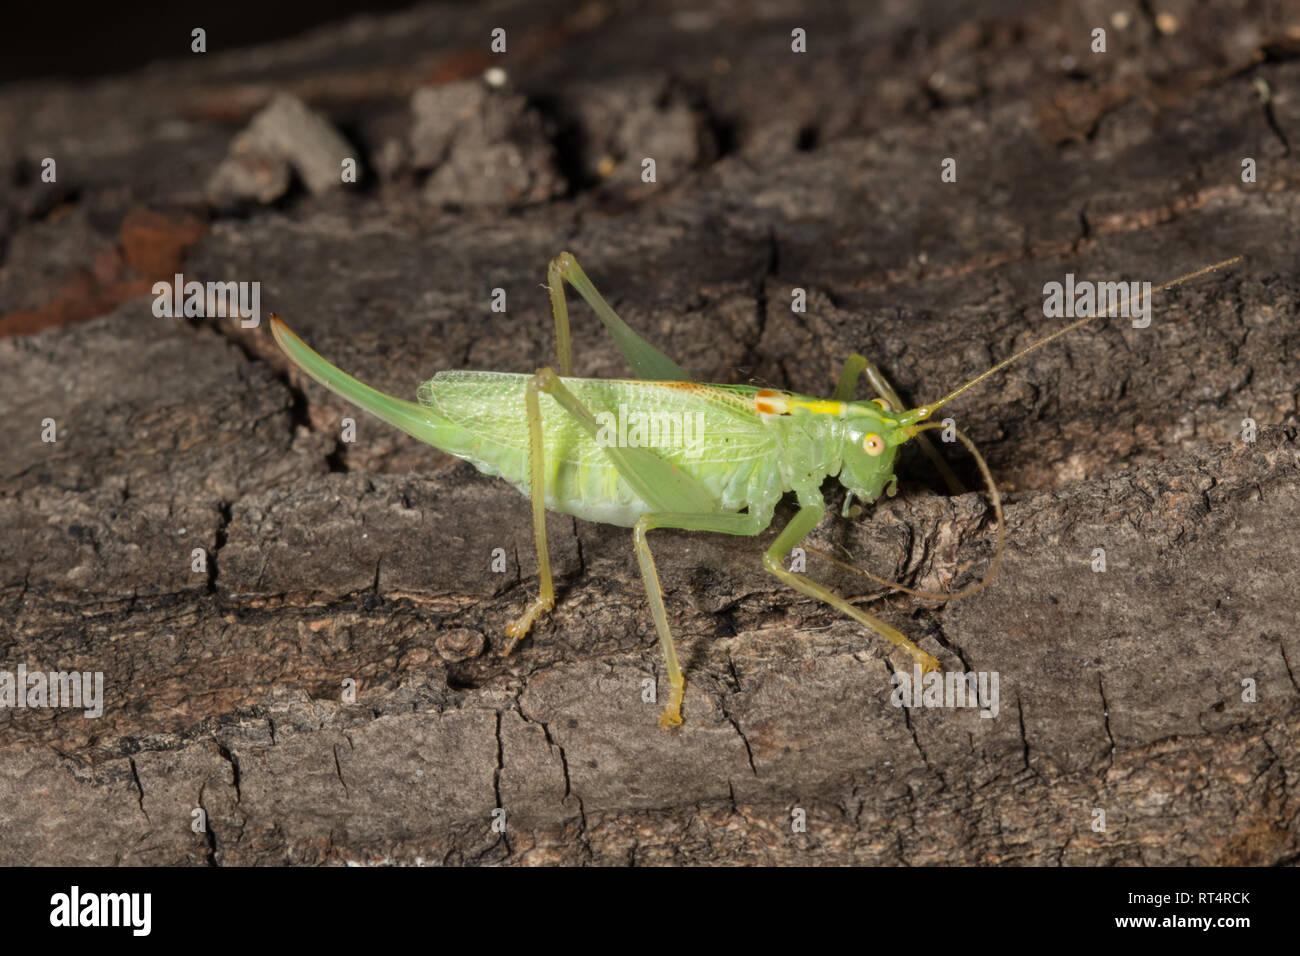 Meconema thalassinum est un insecte de la famille Tettigoniidae connu sous le nom de oak bush-cricket et de tambour katydid. Photo Stock